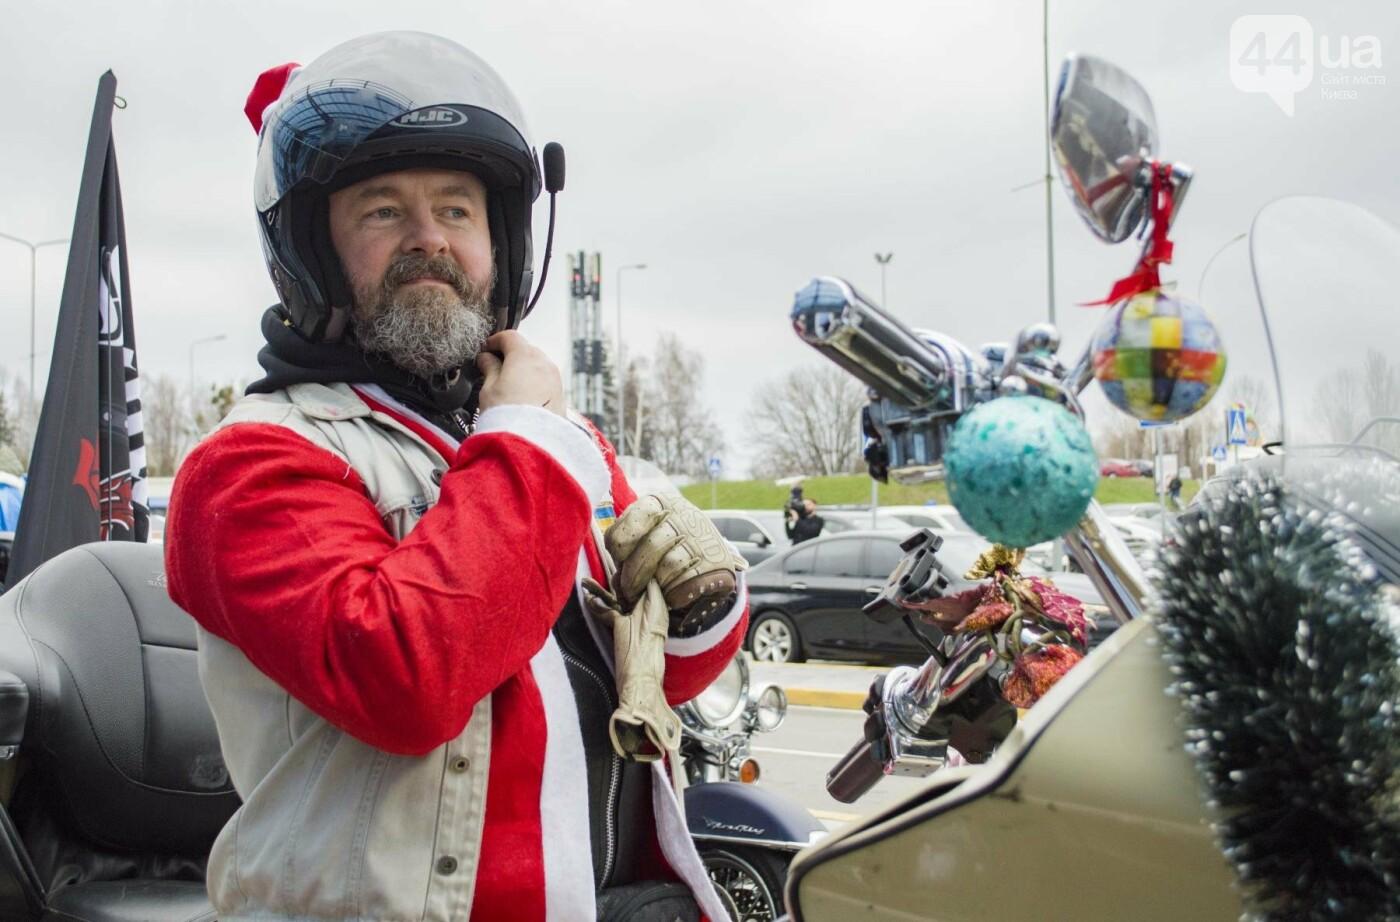 В Киеве брутальные байкеры в костюмах Санта-Клаусов устроили масштабный мотопробег (ФОТО), фото-4